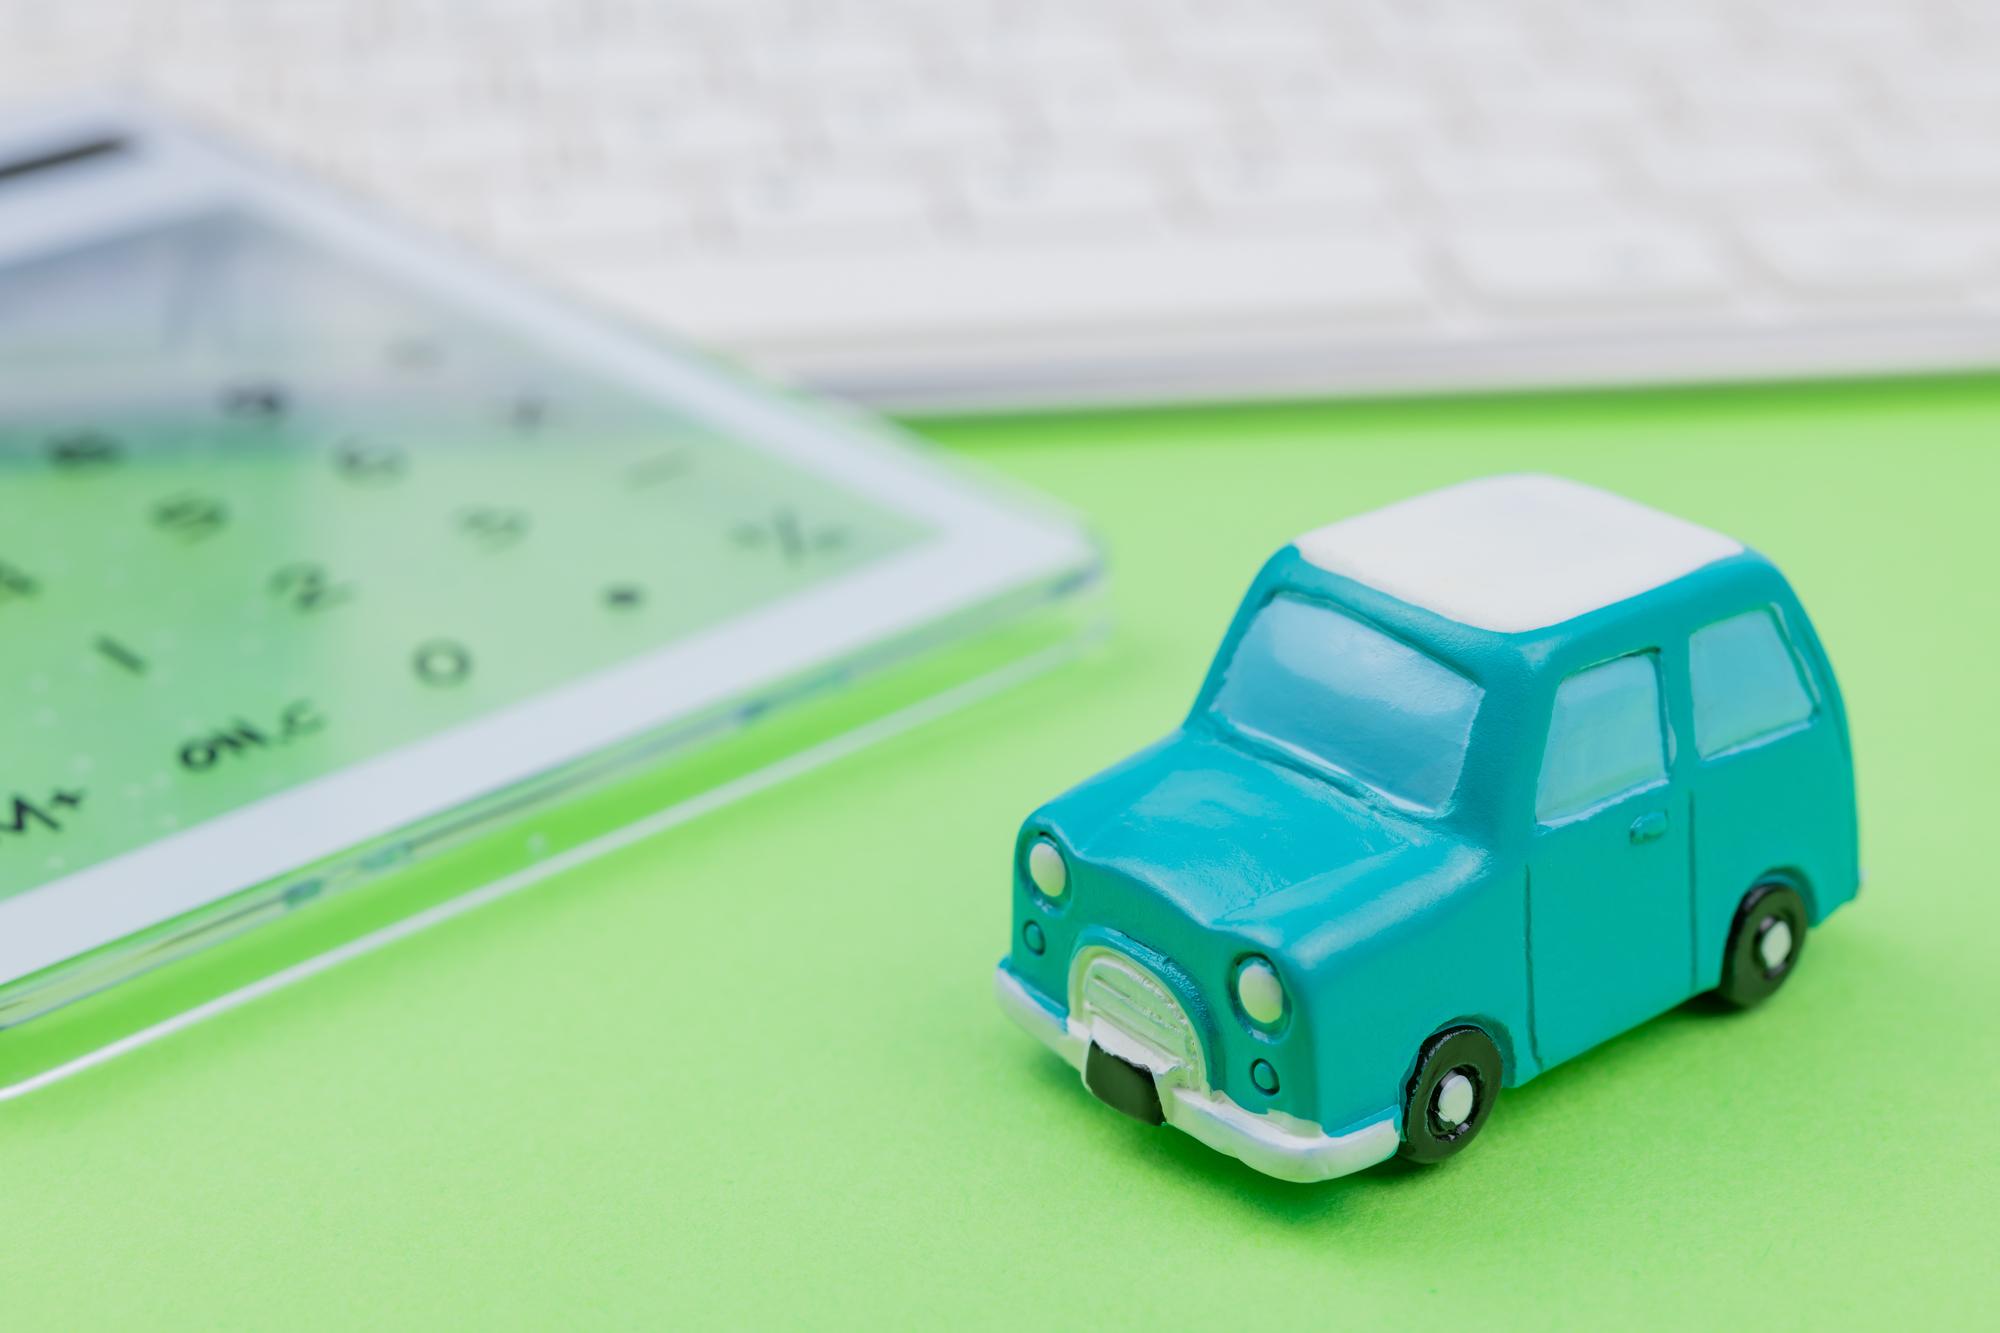 自動車 国民 保険 共済 自動車共済のメリットとデメリット、自動車保険との違いはなに!?